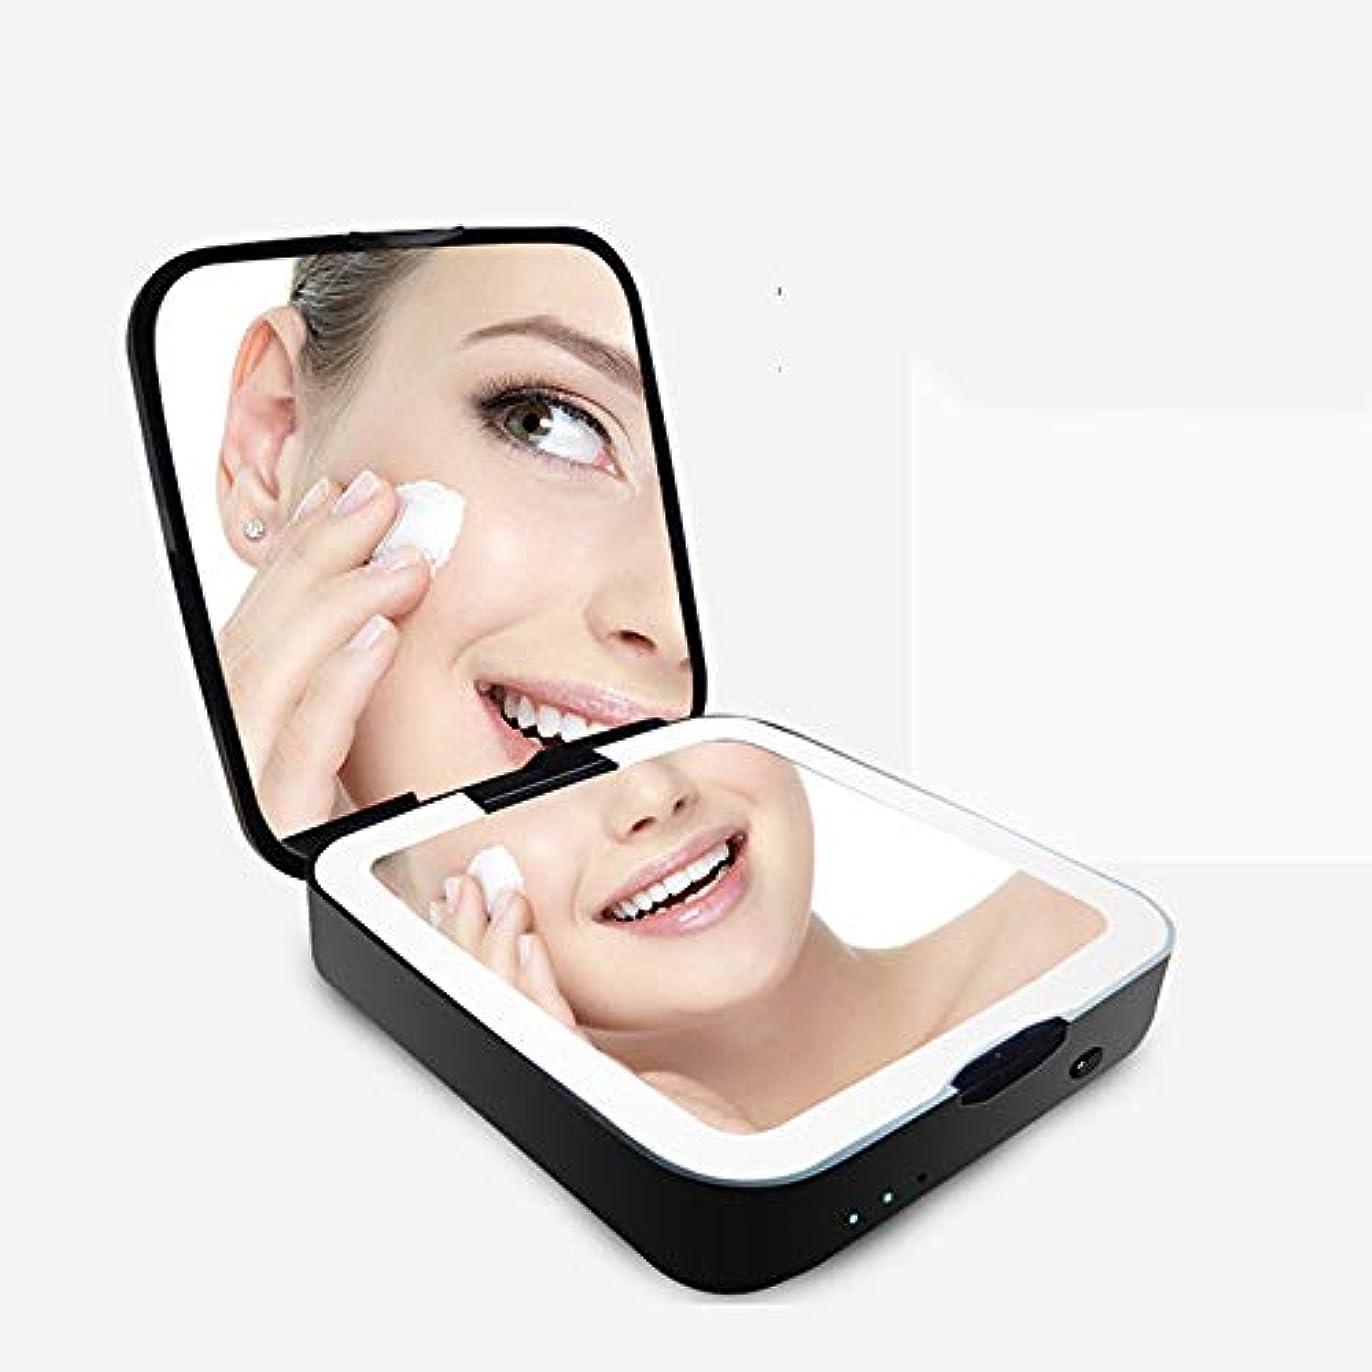 パトワスプレーうつ流行の 新しい両面折りたたみLEDライトポータブルポータブルミラー充電宝化粧鏡ABS黒美容ミラー虫眼鏡ナイトライト